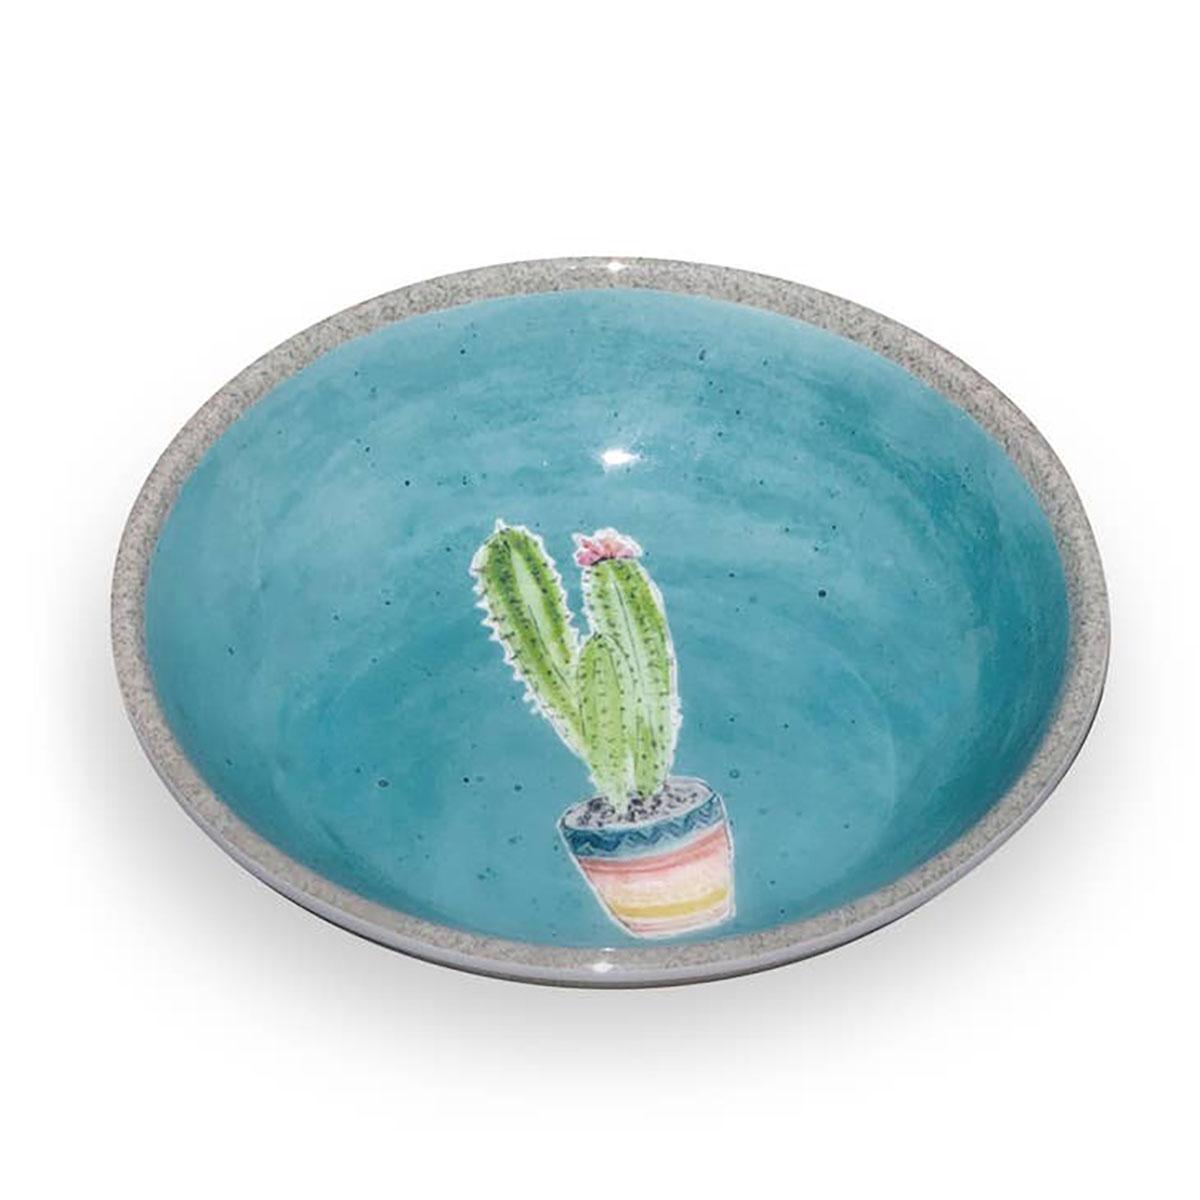 Cactus Pet Saucer by TarHong